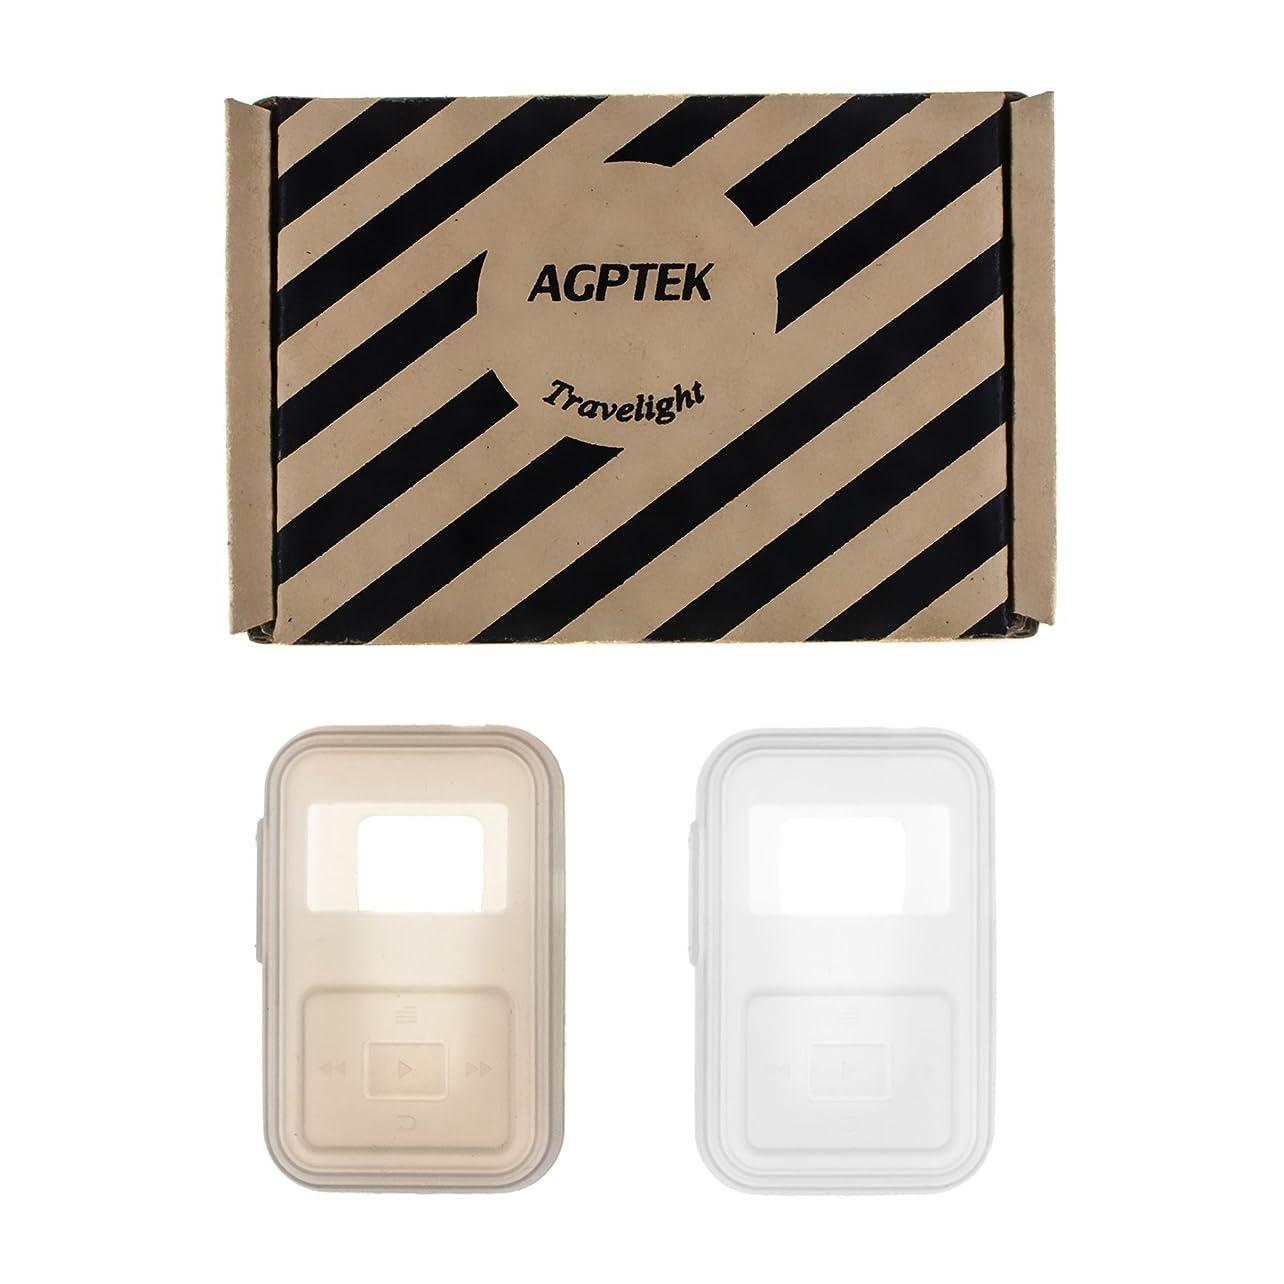 ほとんどない修正ポールシリコンケース 防水 防汗 防滴 高保護 AGPTEK MP3プレーヤー A26/A12/A12B型番に対応